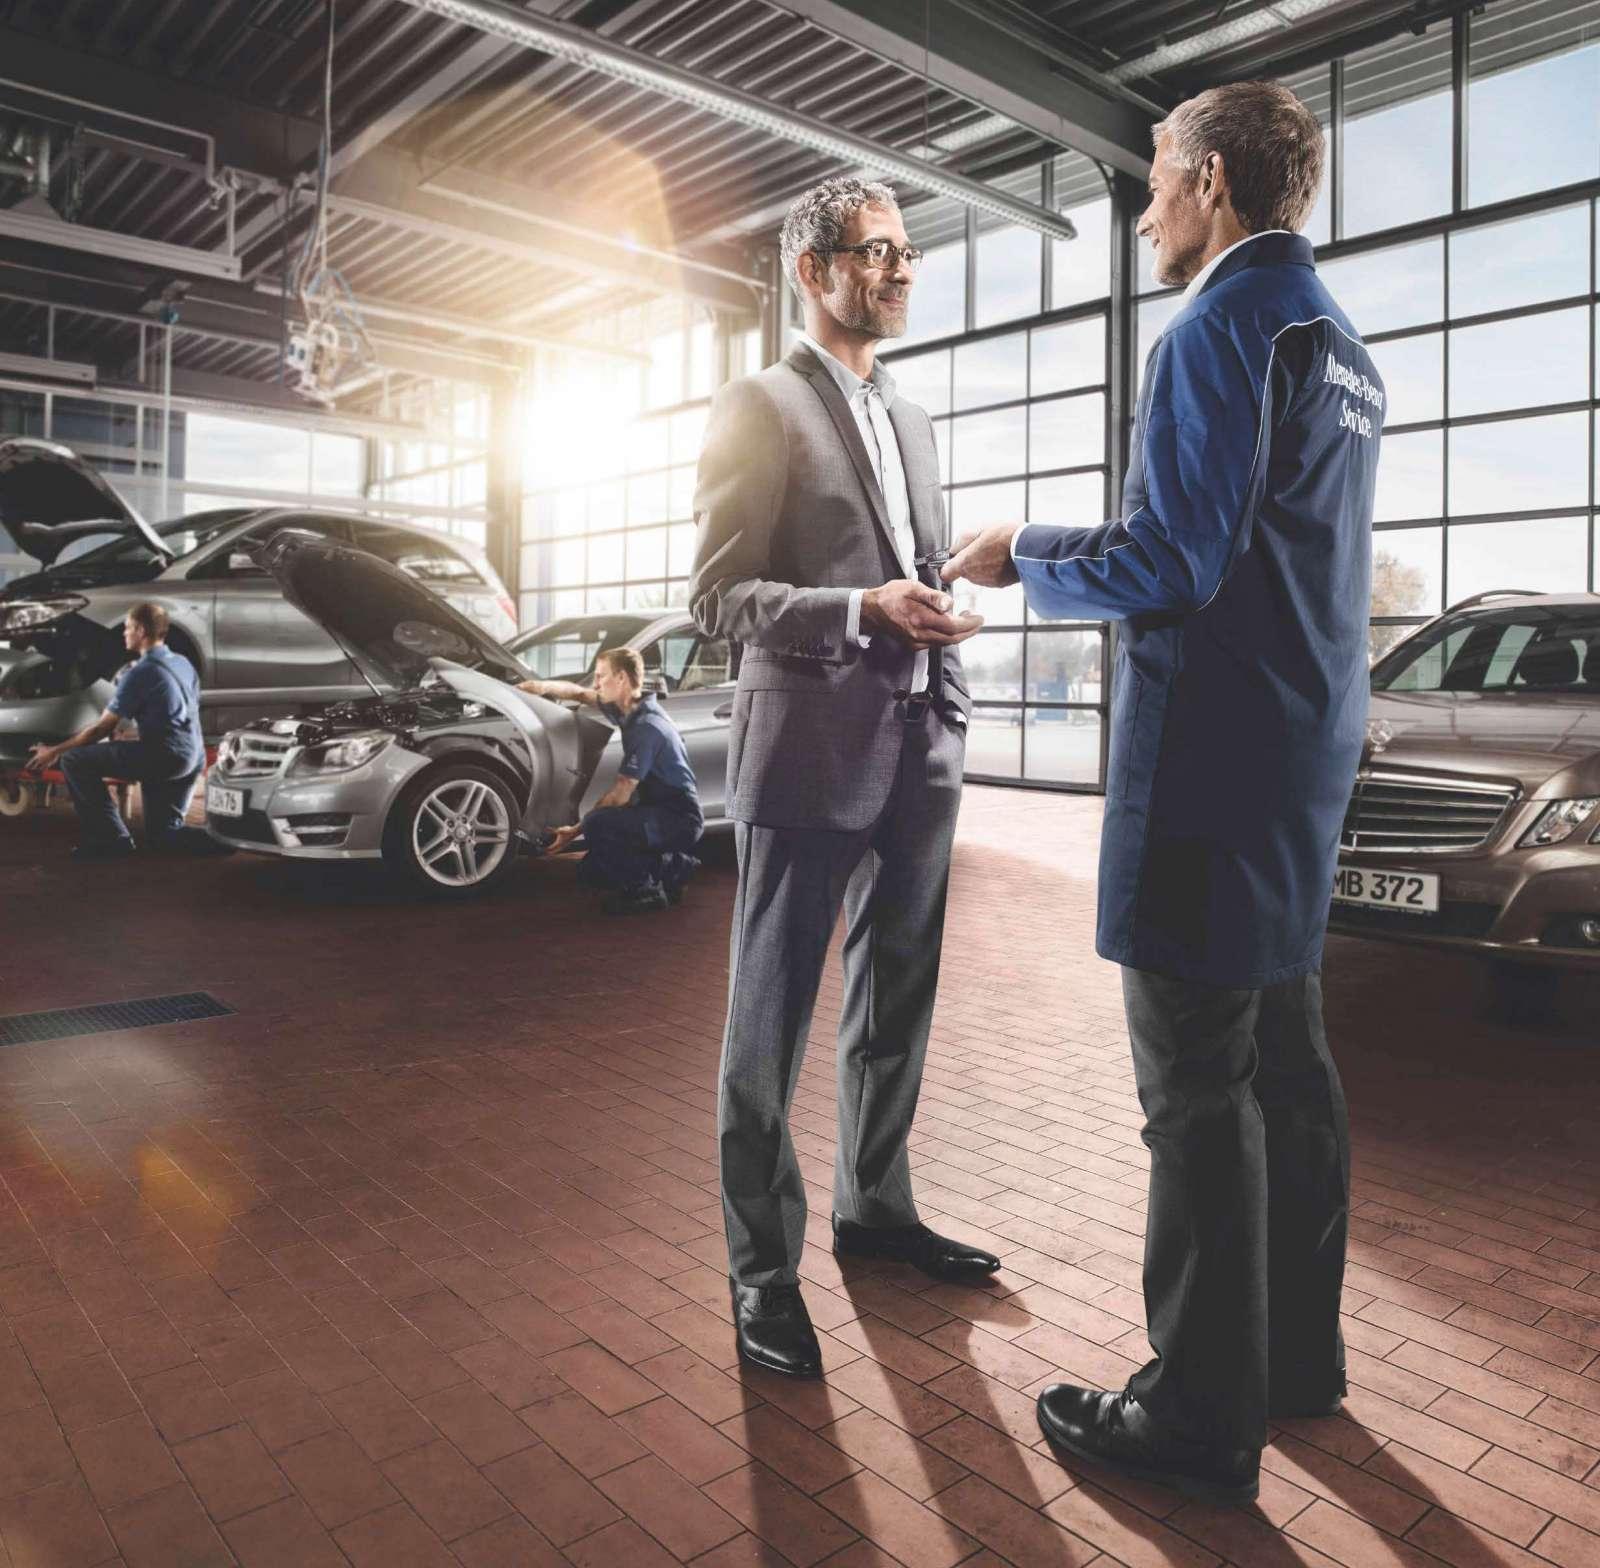 Mercedes Benz Repairs: Νέα πακέτα Service Mercedes Benz